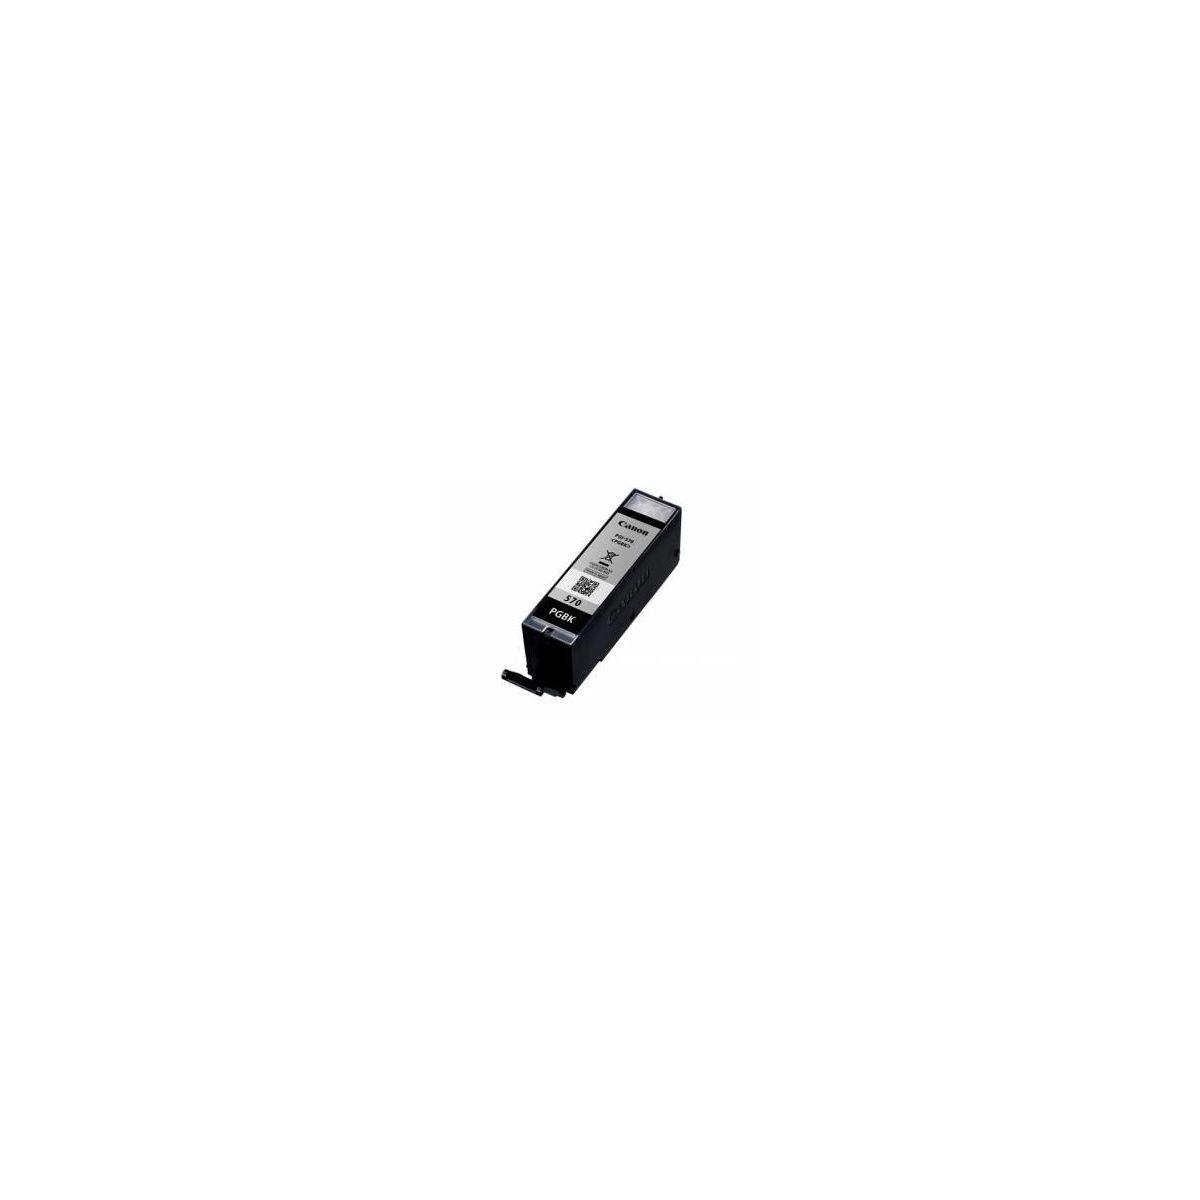 Cartouche d'encre CANON PGI 570 Noire Pigmenté